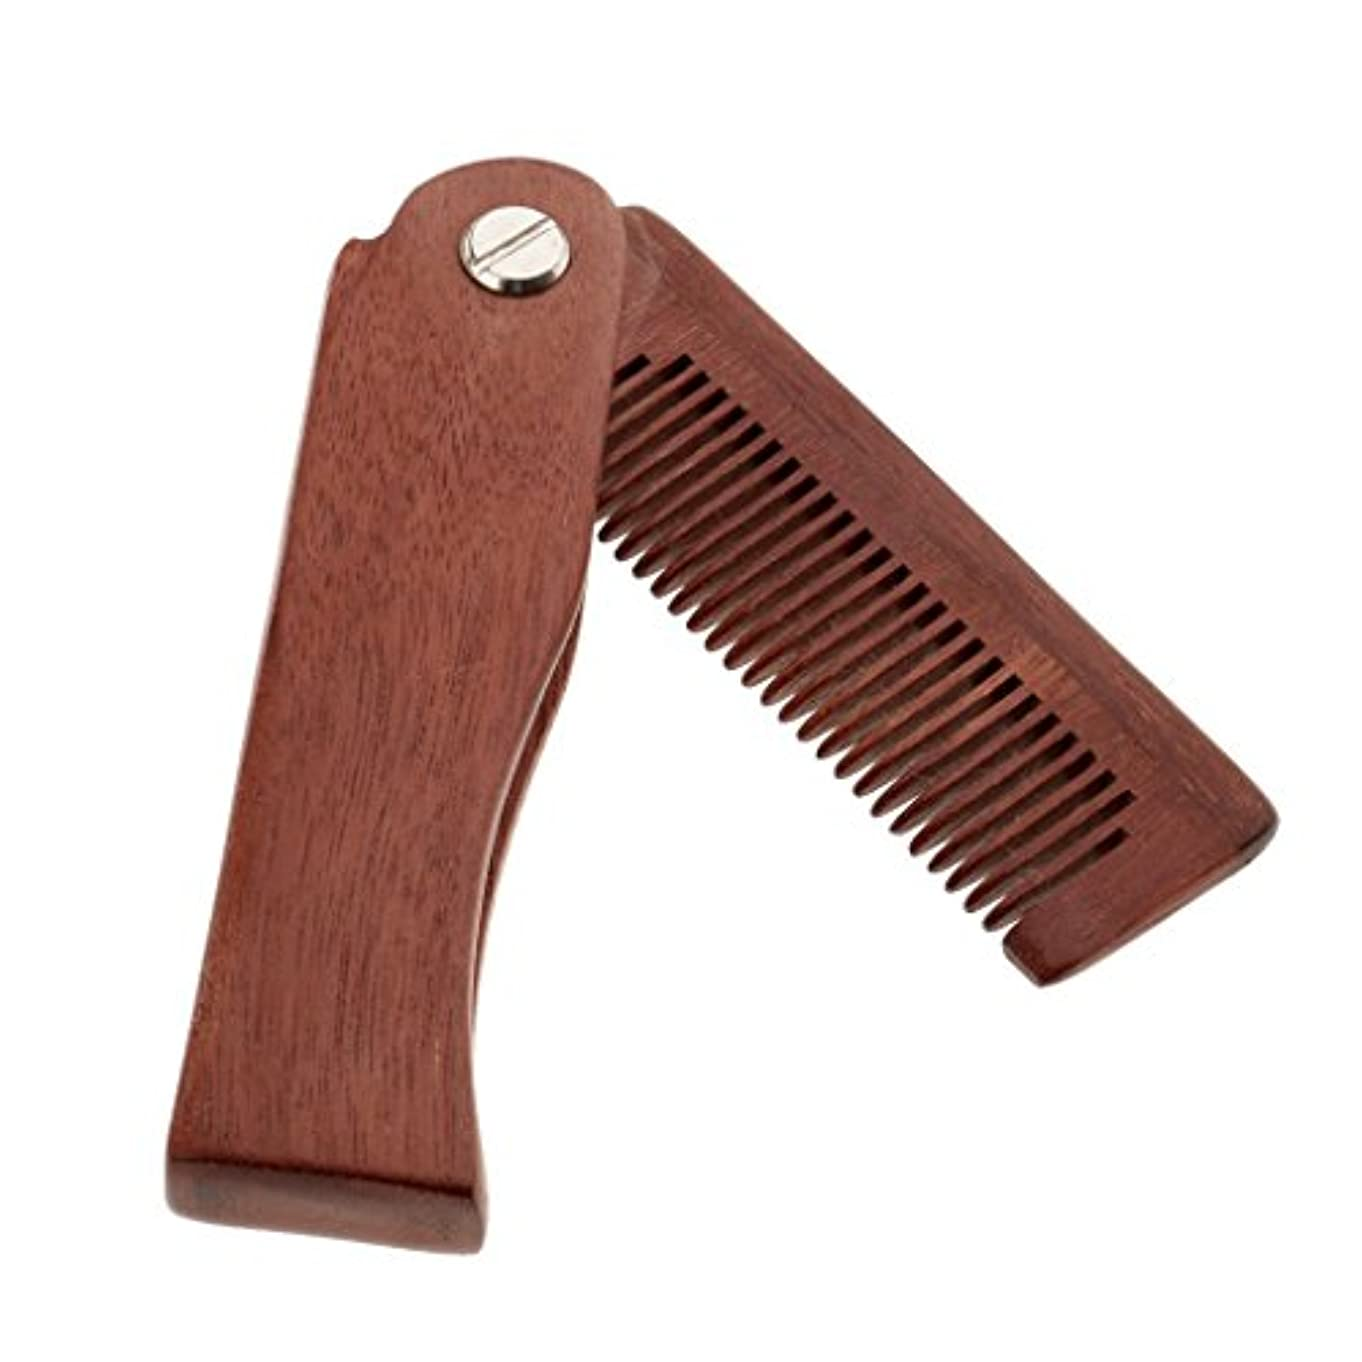 スラダムフリッパー保険をかけるB Blesiya ひげ剃り櫛 コーム 木製櫛 折りたたみ メンズ 毛ひげの櫛